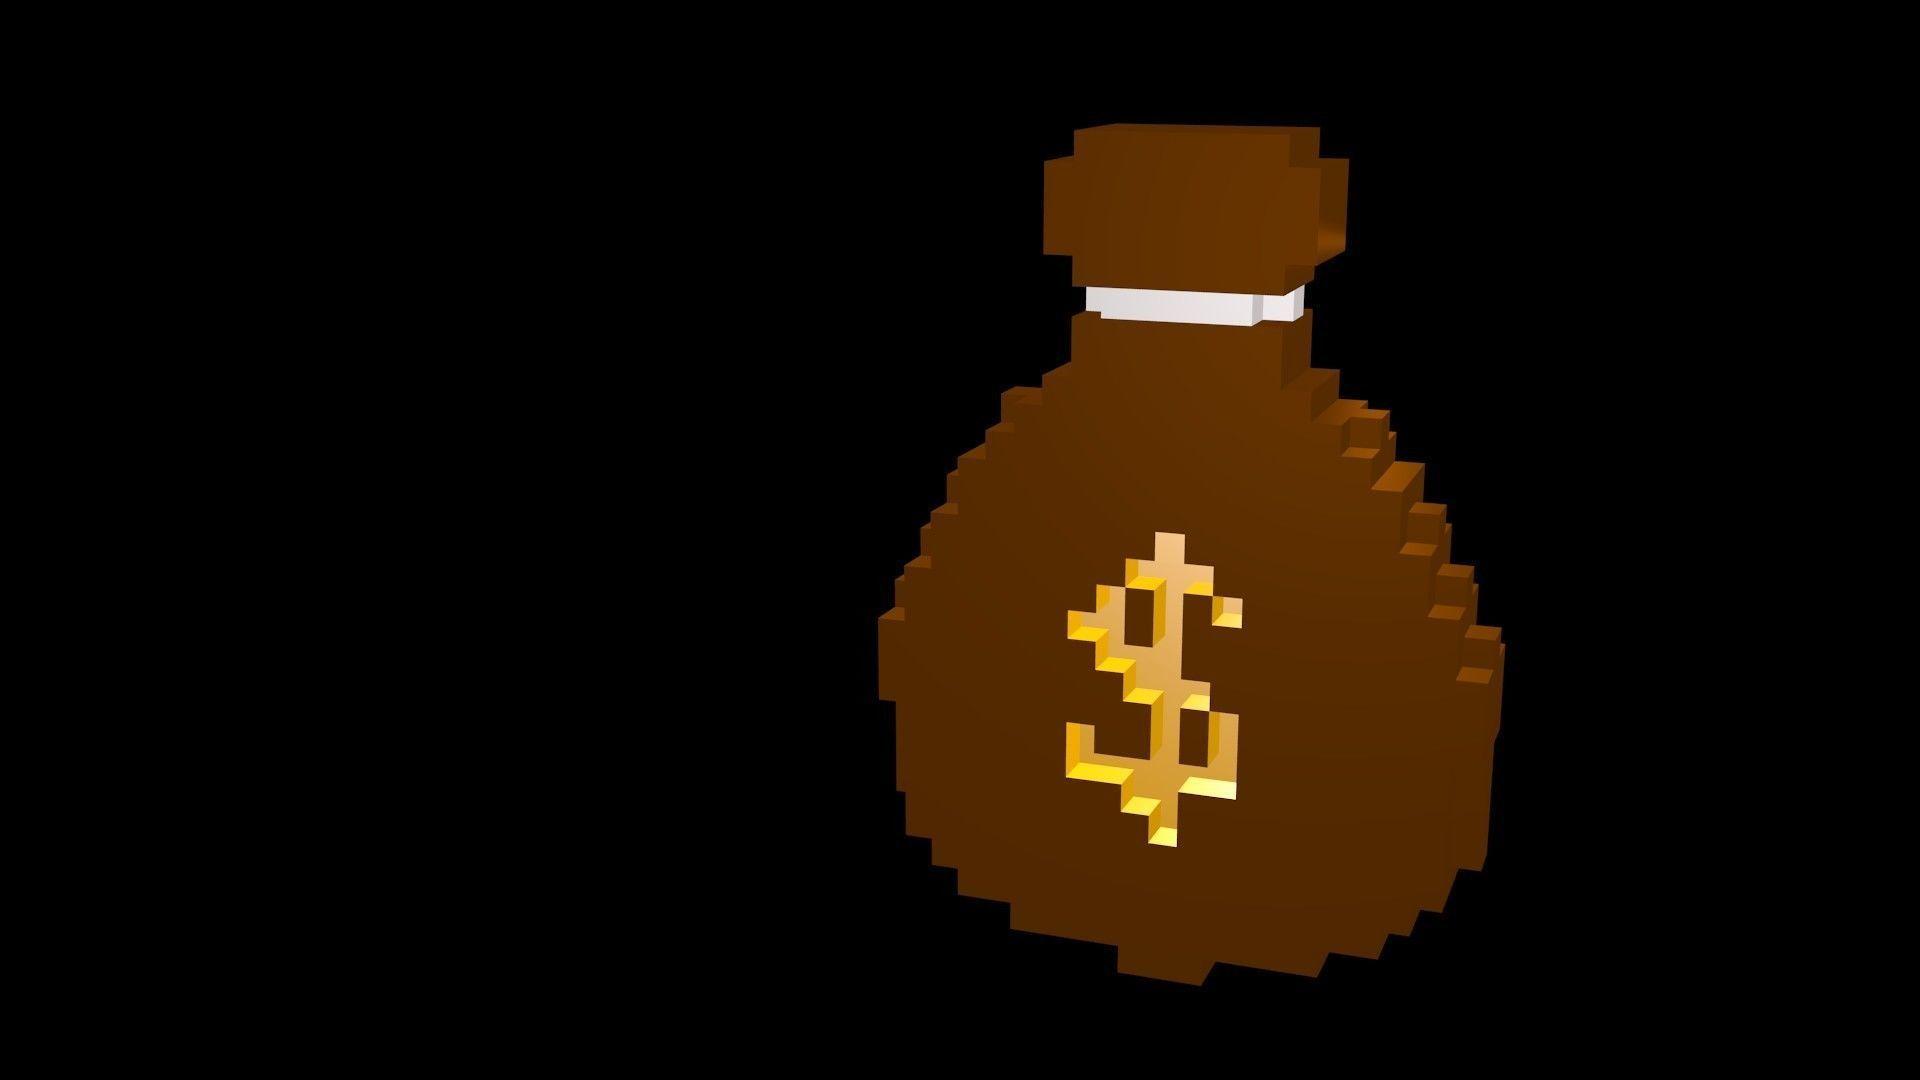 Symbols of money voxel